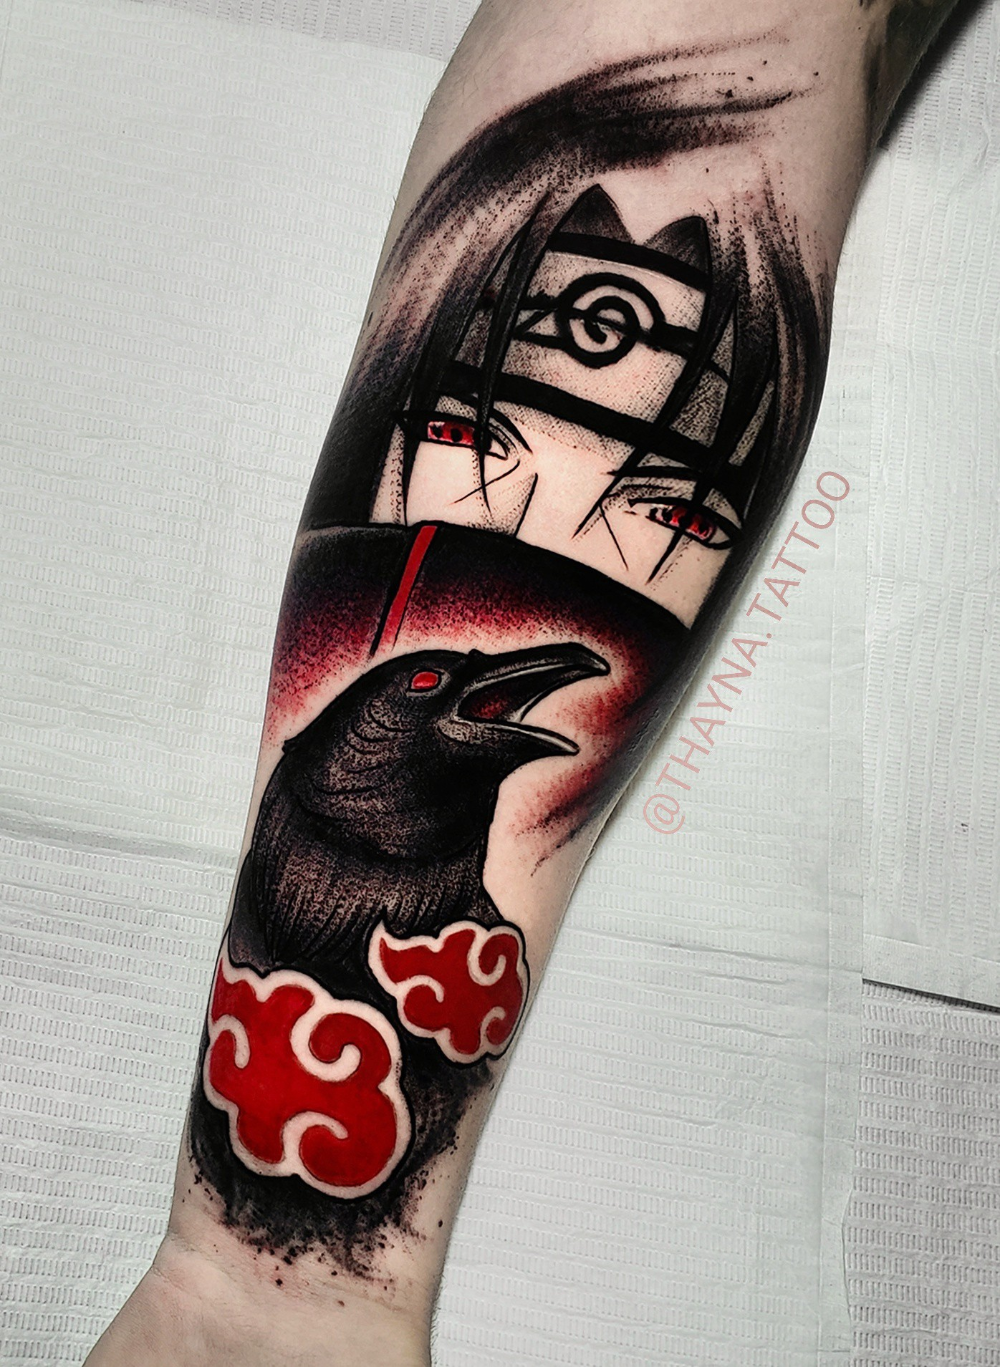 Comics, Geek, Nerd e Otaku: As tatuagens inspiradas nos personagens de quadrinhos, mangás e animes! - Blog Tattoo2me